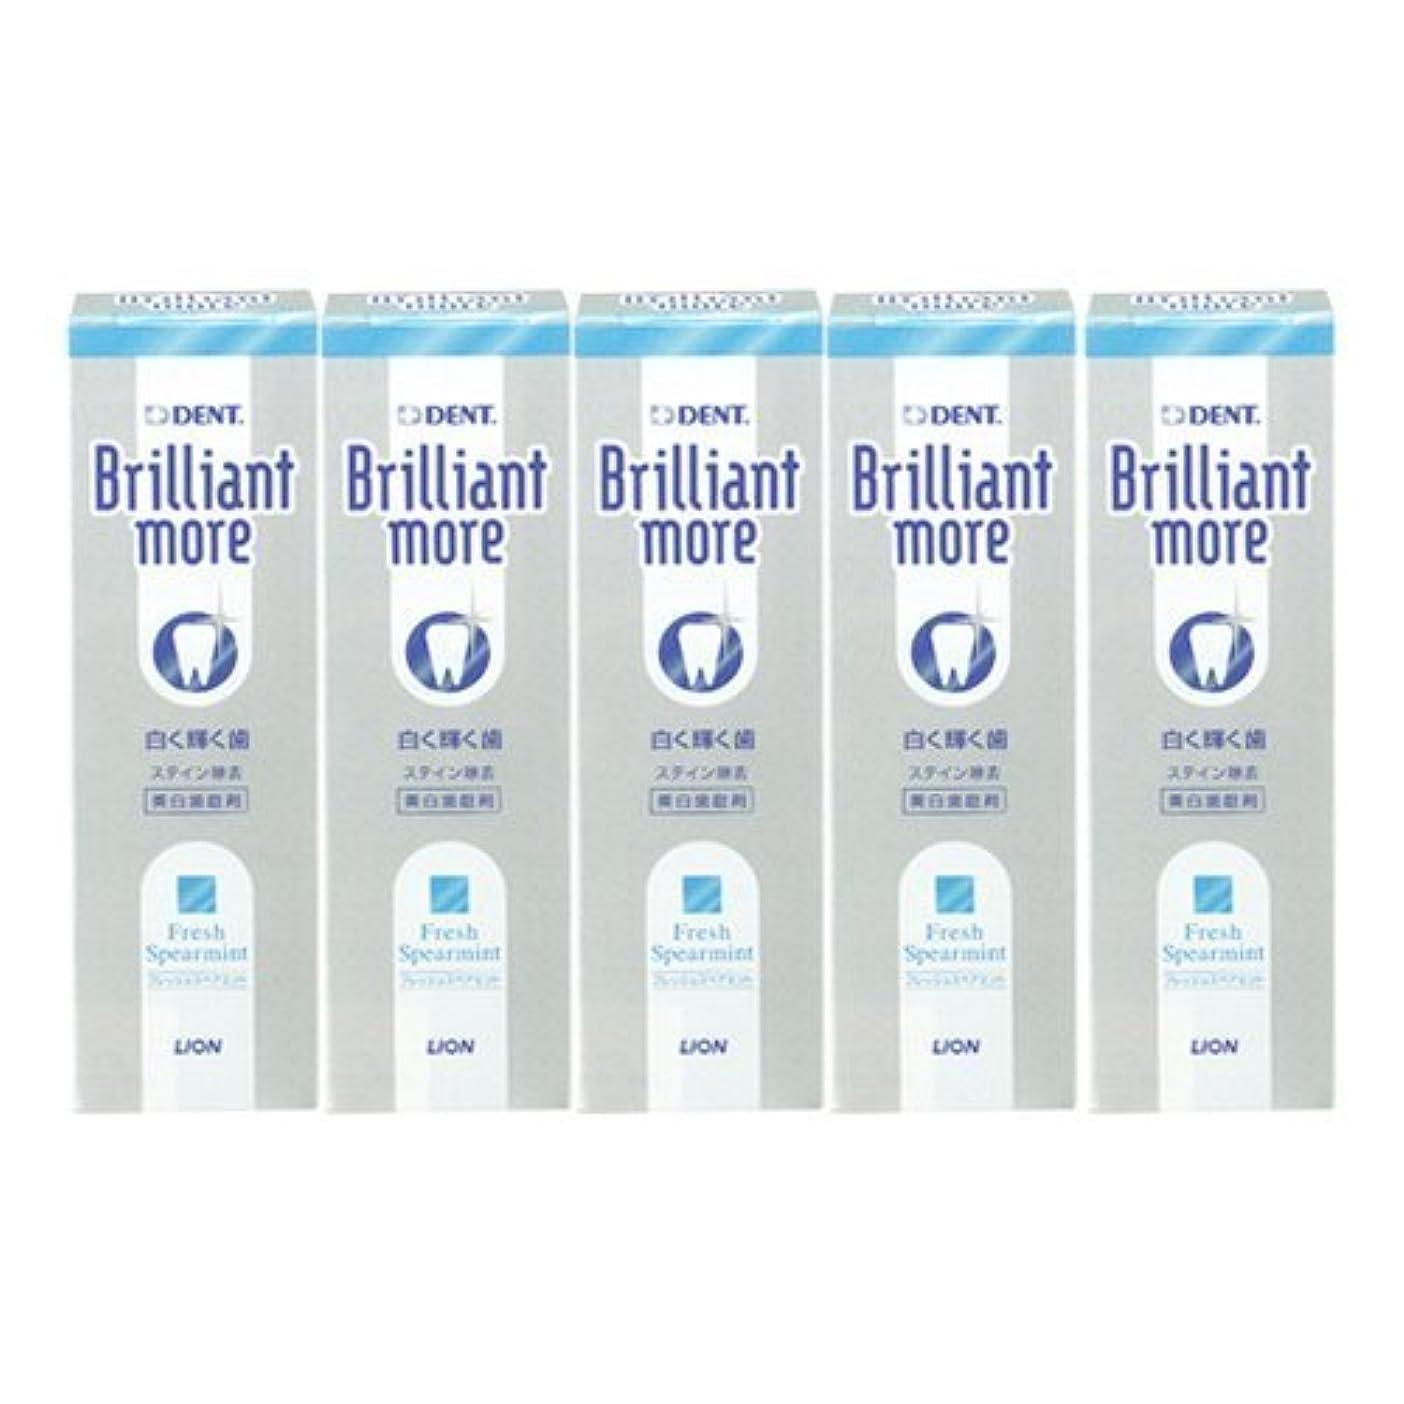 フロー報告書キリンライオン ブリリアントモア フレッシュスペアミント 美白歯磨剤 LION Brilliant more 5本セット